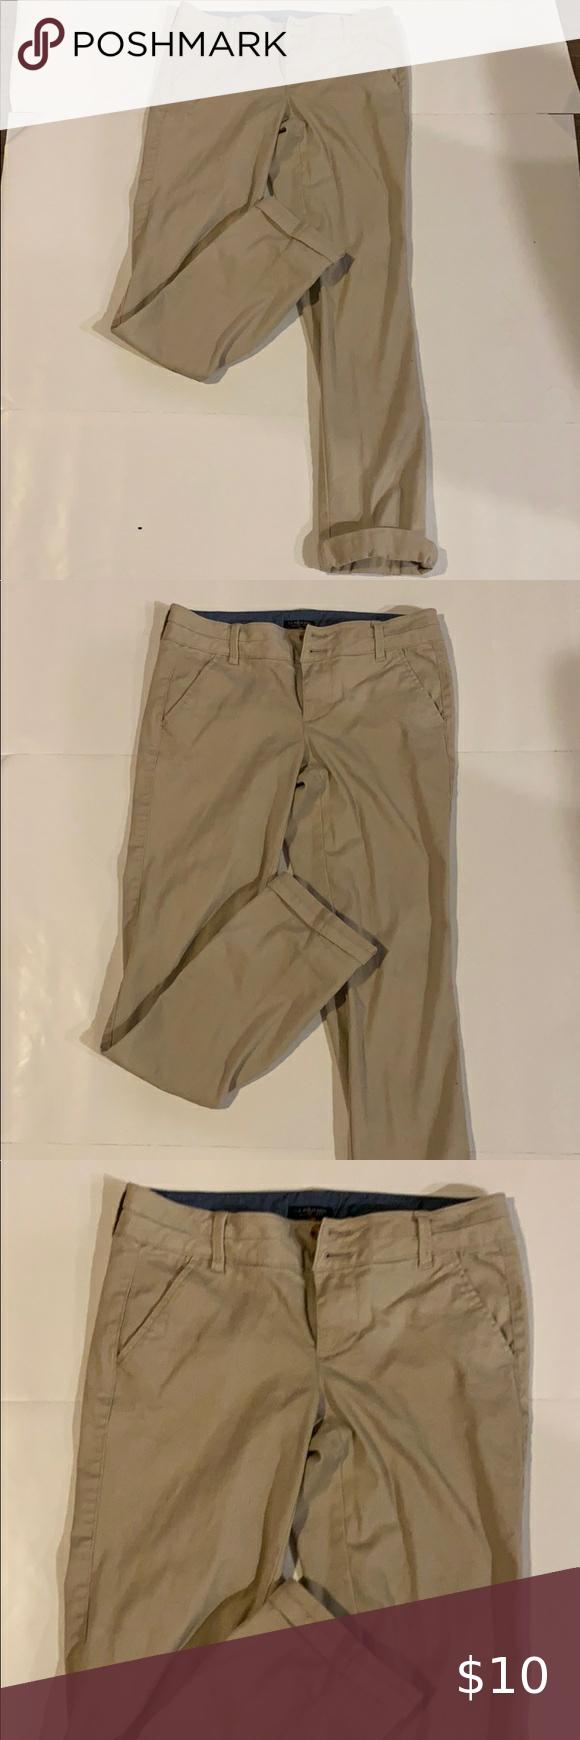 Us Polo Khaki Trousers Size 2 Us Polo Khaki Trousers Size 2 U S Polo Assn Pants Trousers Khaki Trousers Khaki Trouser Pants Women